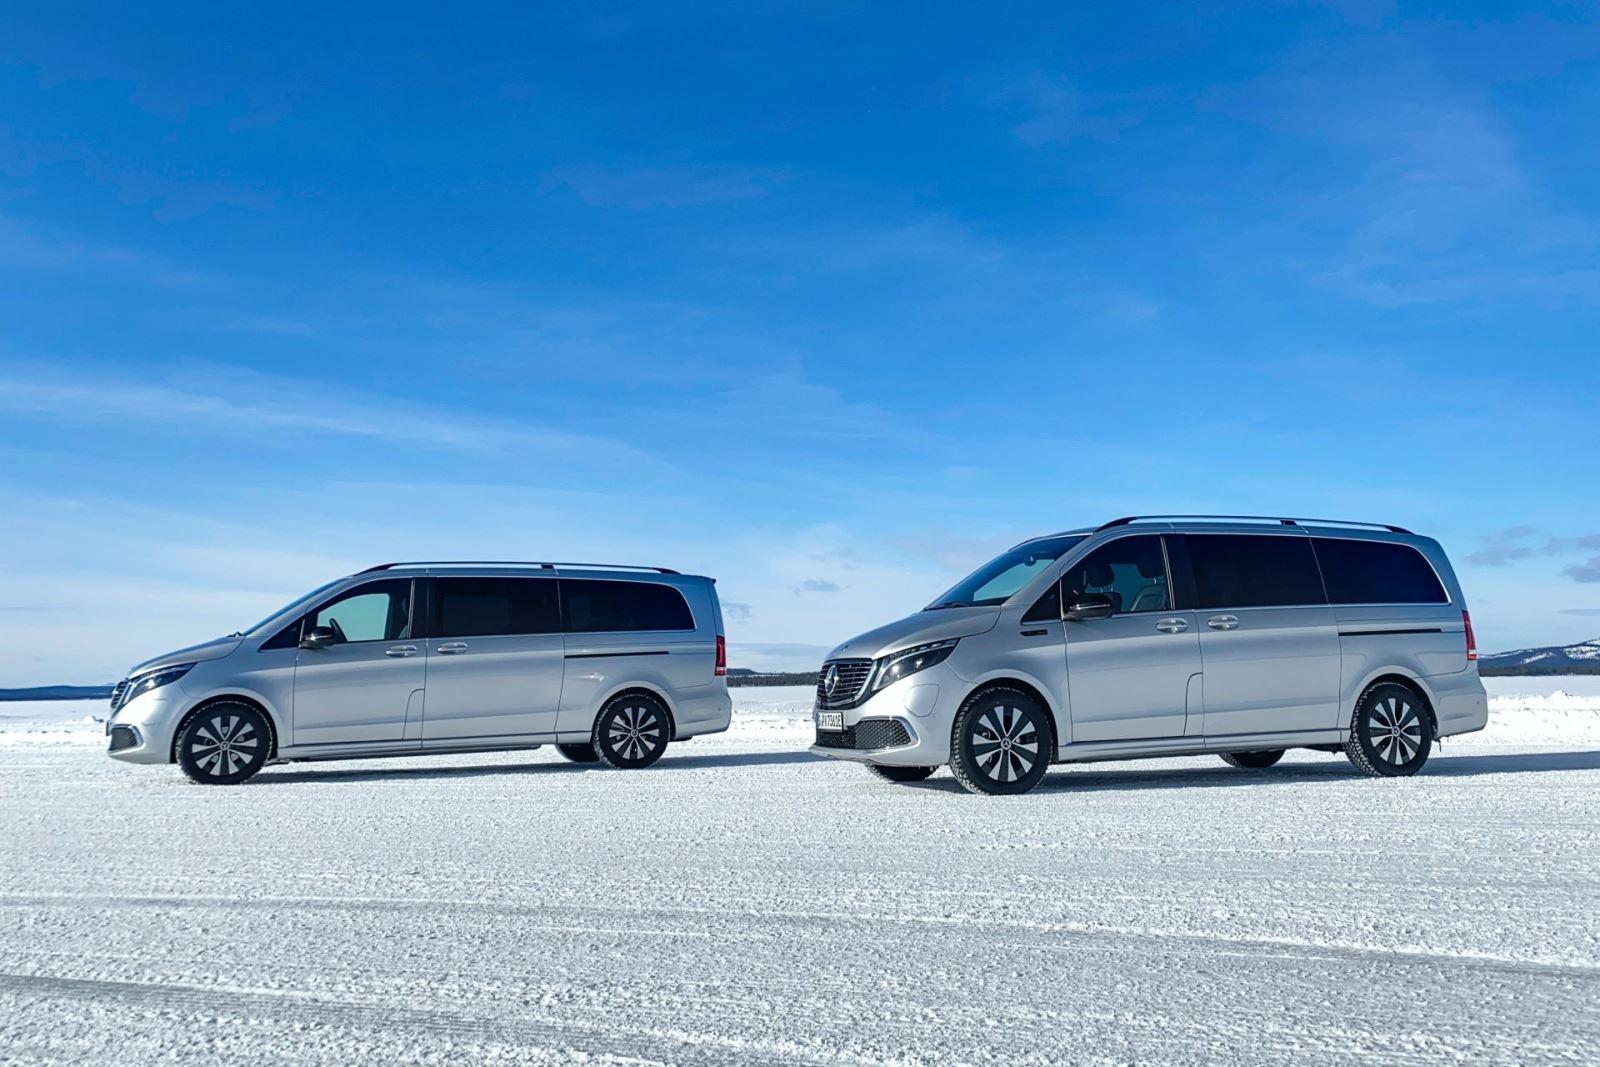 Mercedes EQV Kış Testlerini Tamamladı, Bu Yaz Çıkacak